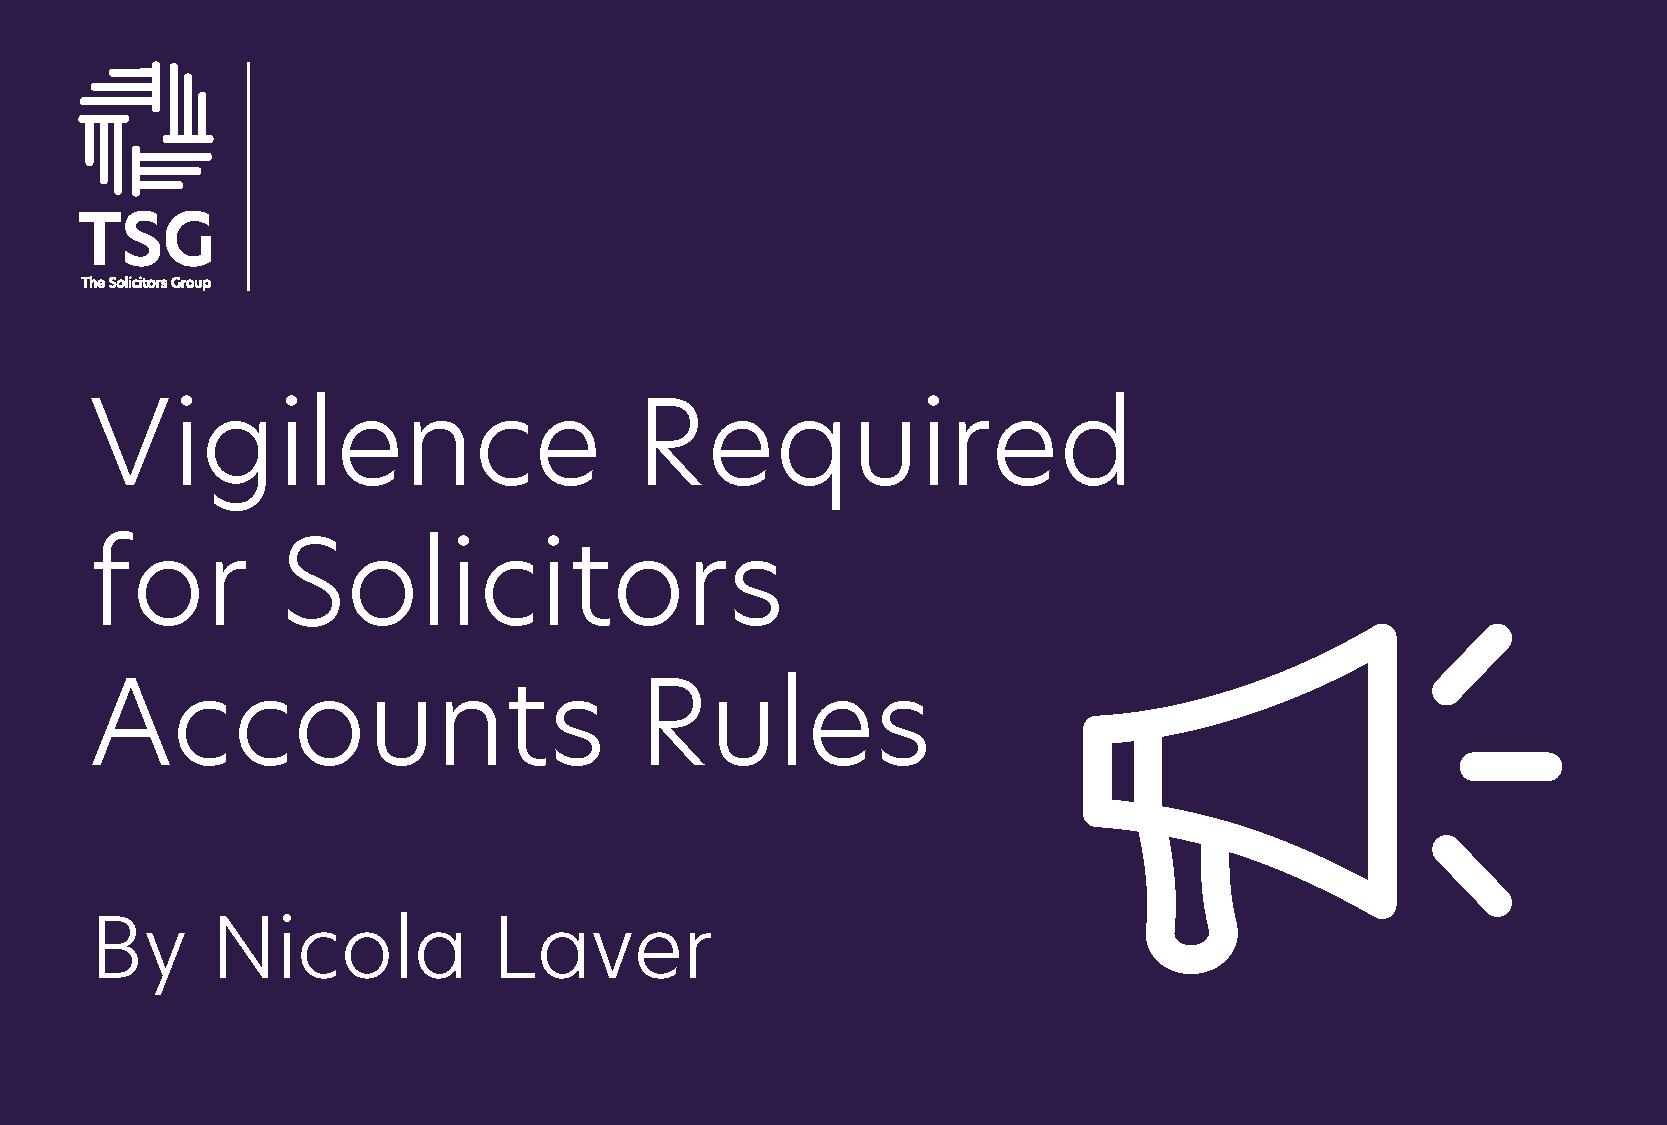 Vigilance for accounts rules